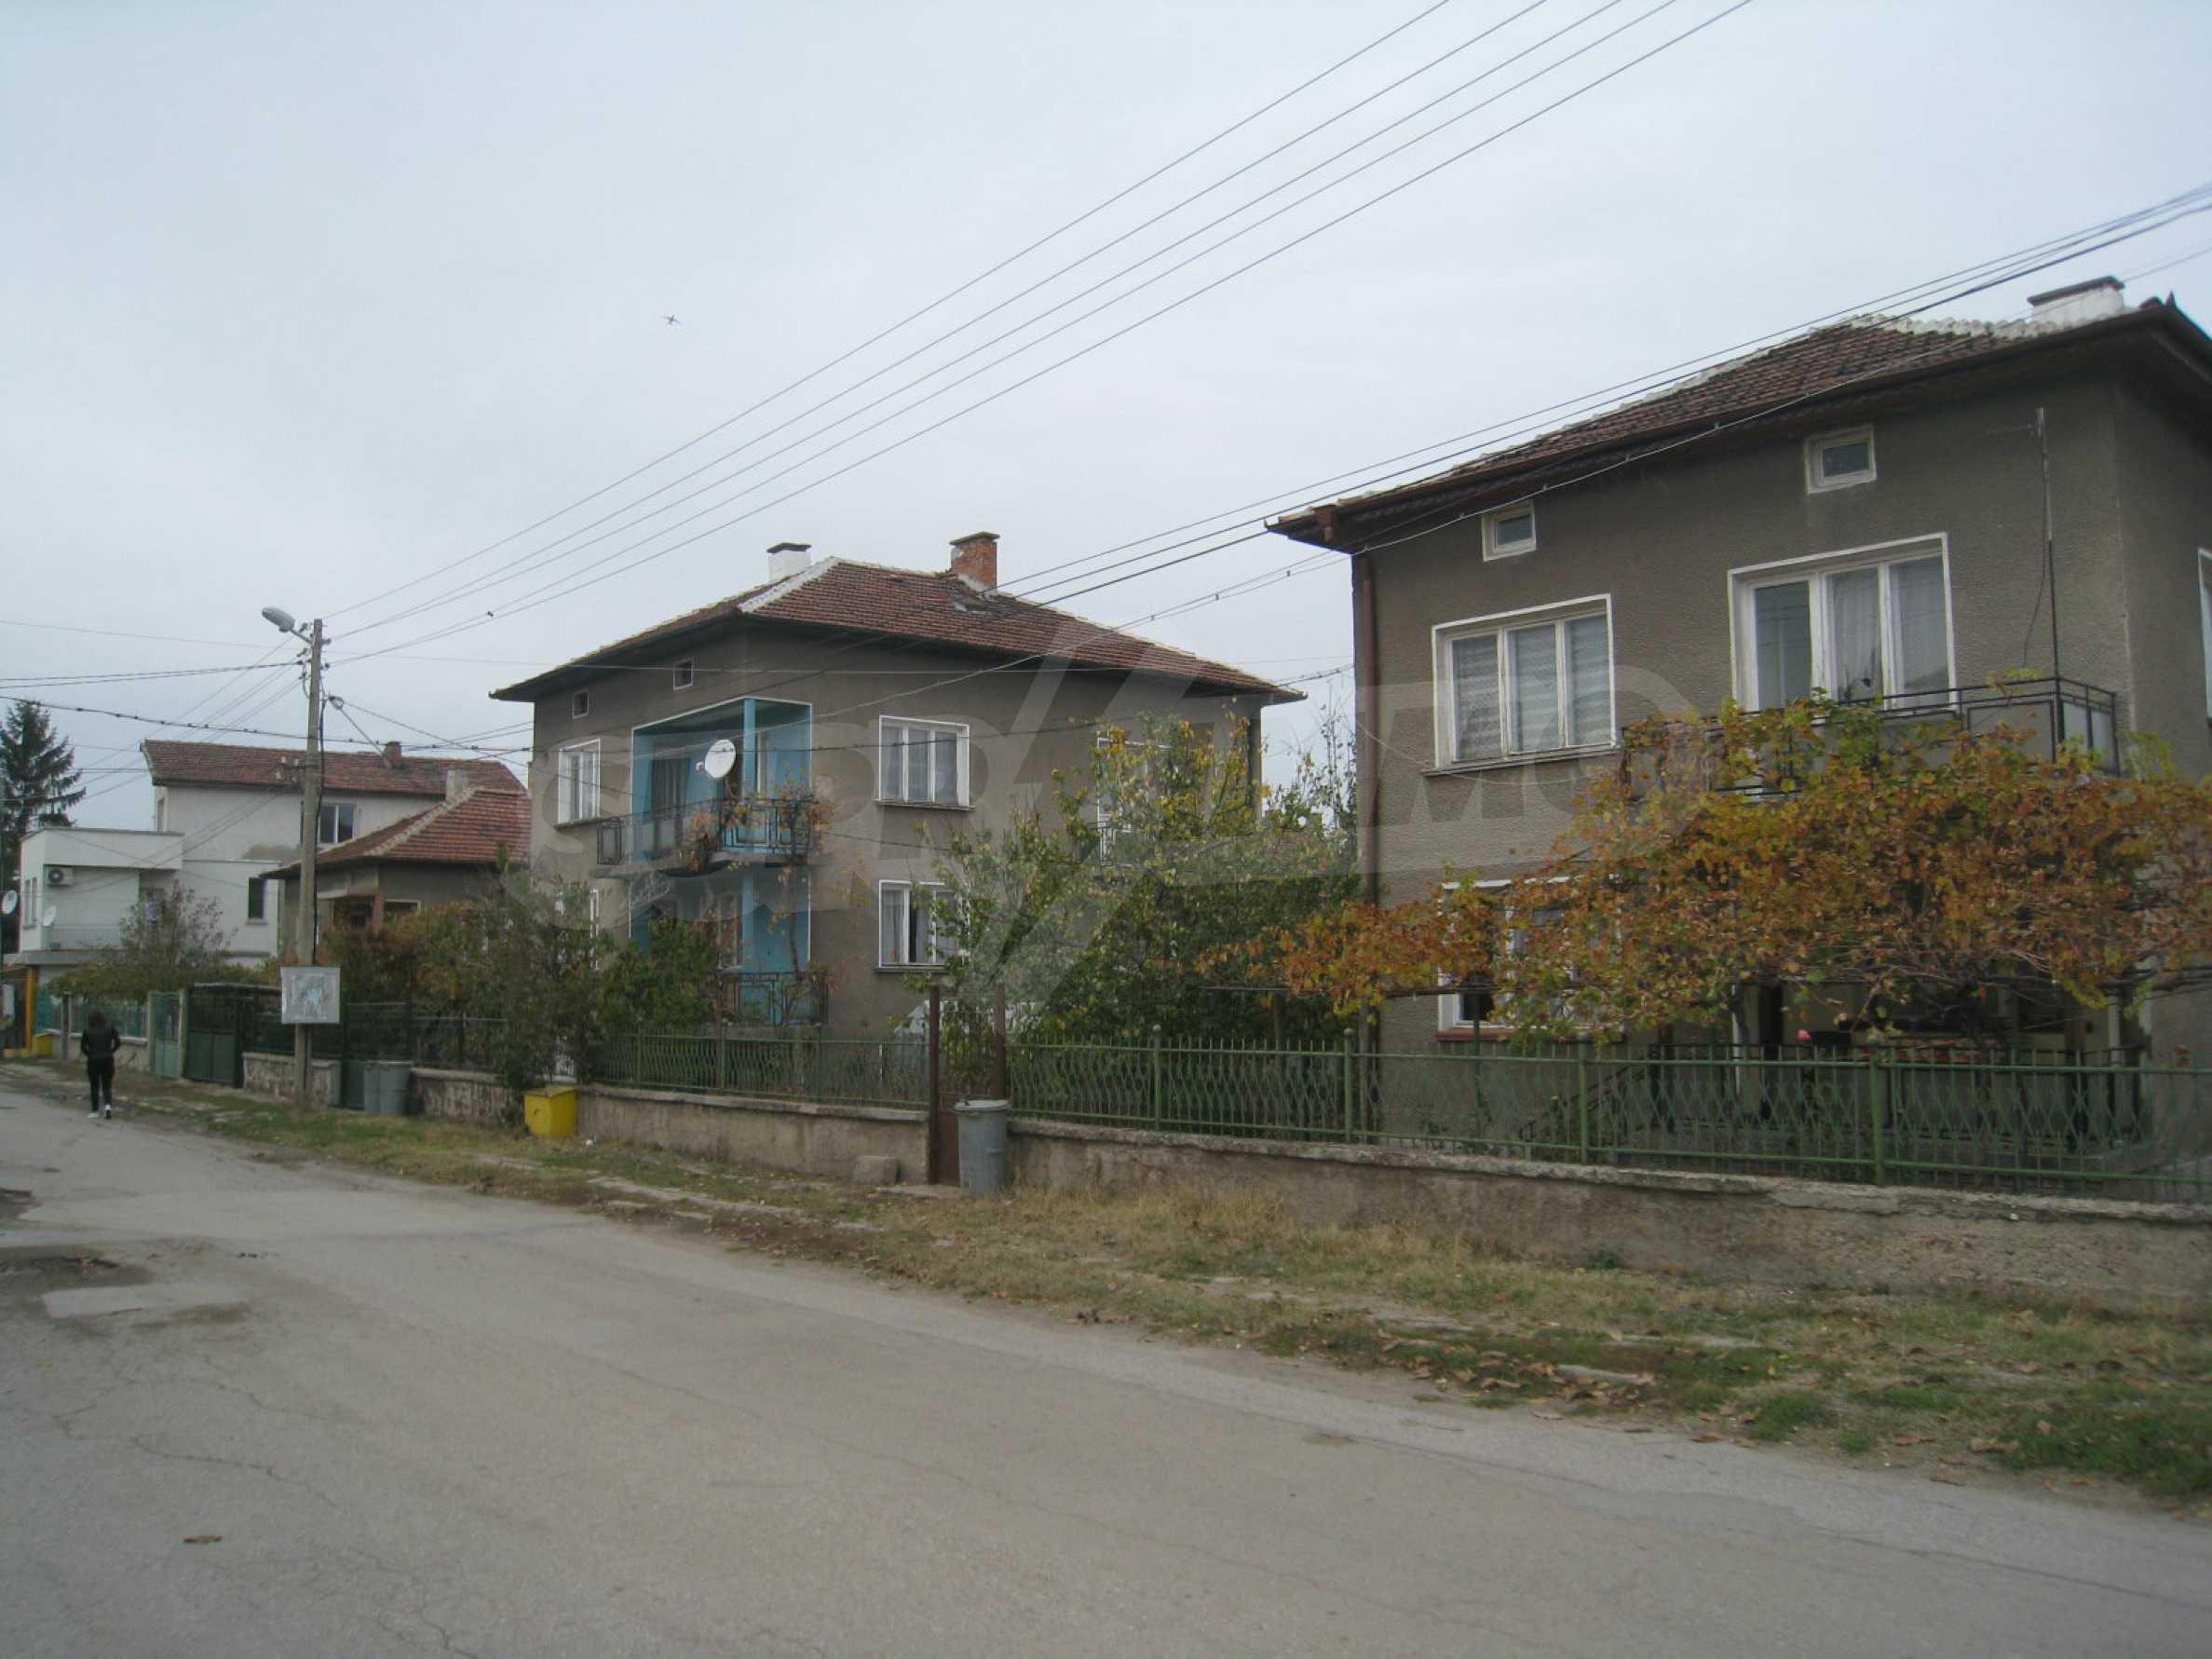 Großes zweistöckiges Haus mit Hof in einem Dorf in der Nähe von Sofia 68